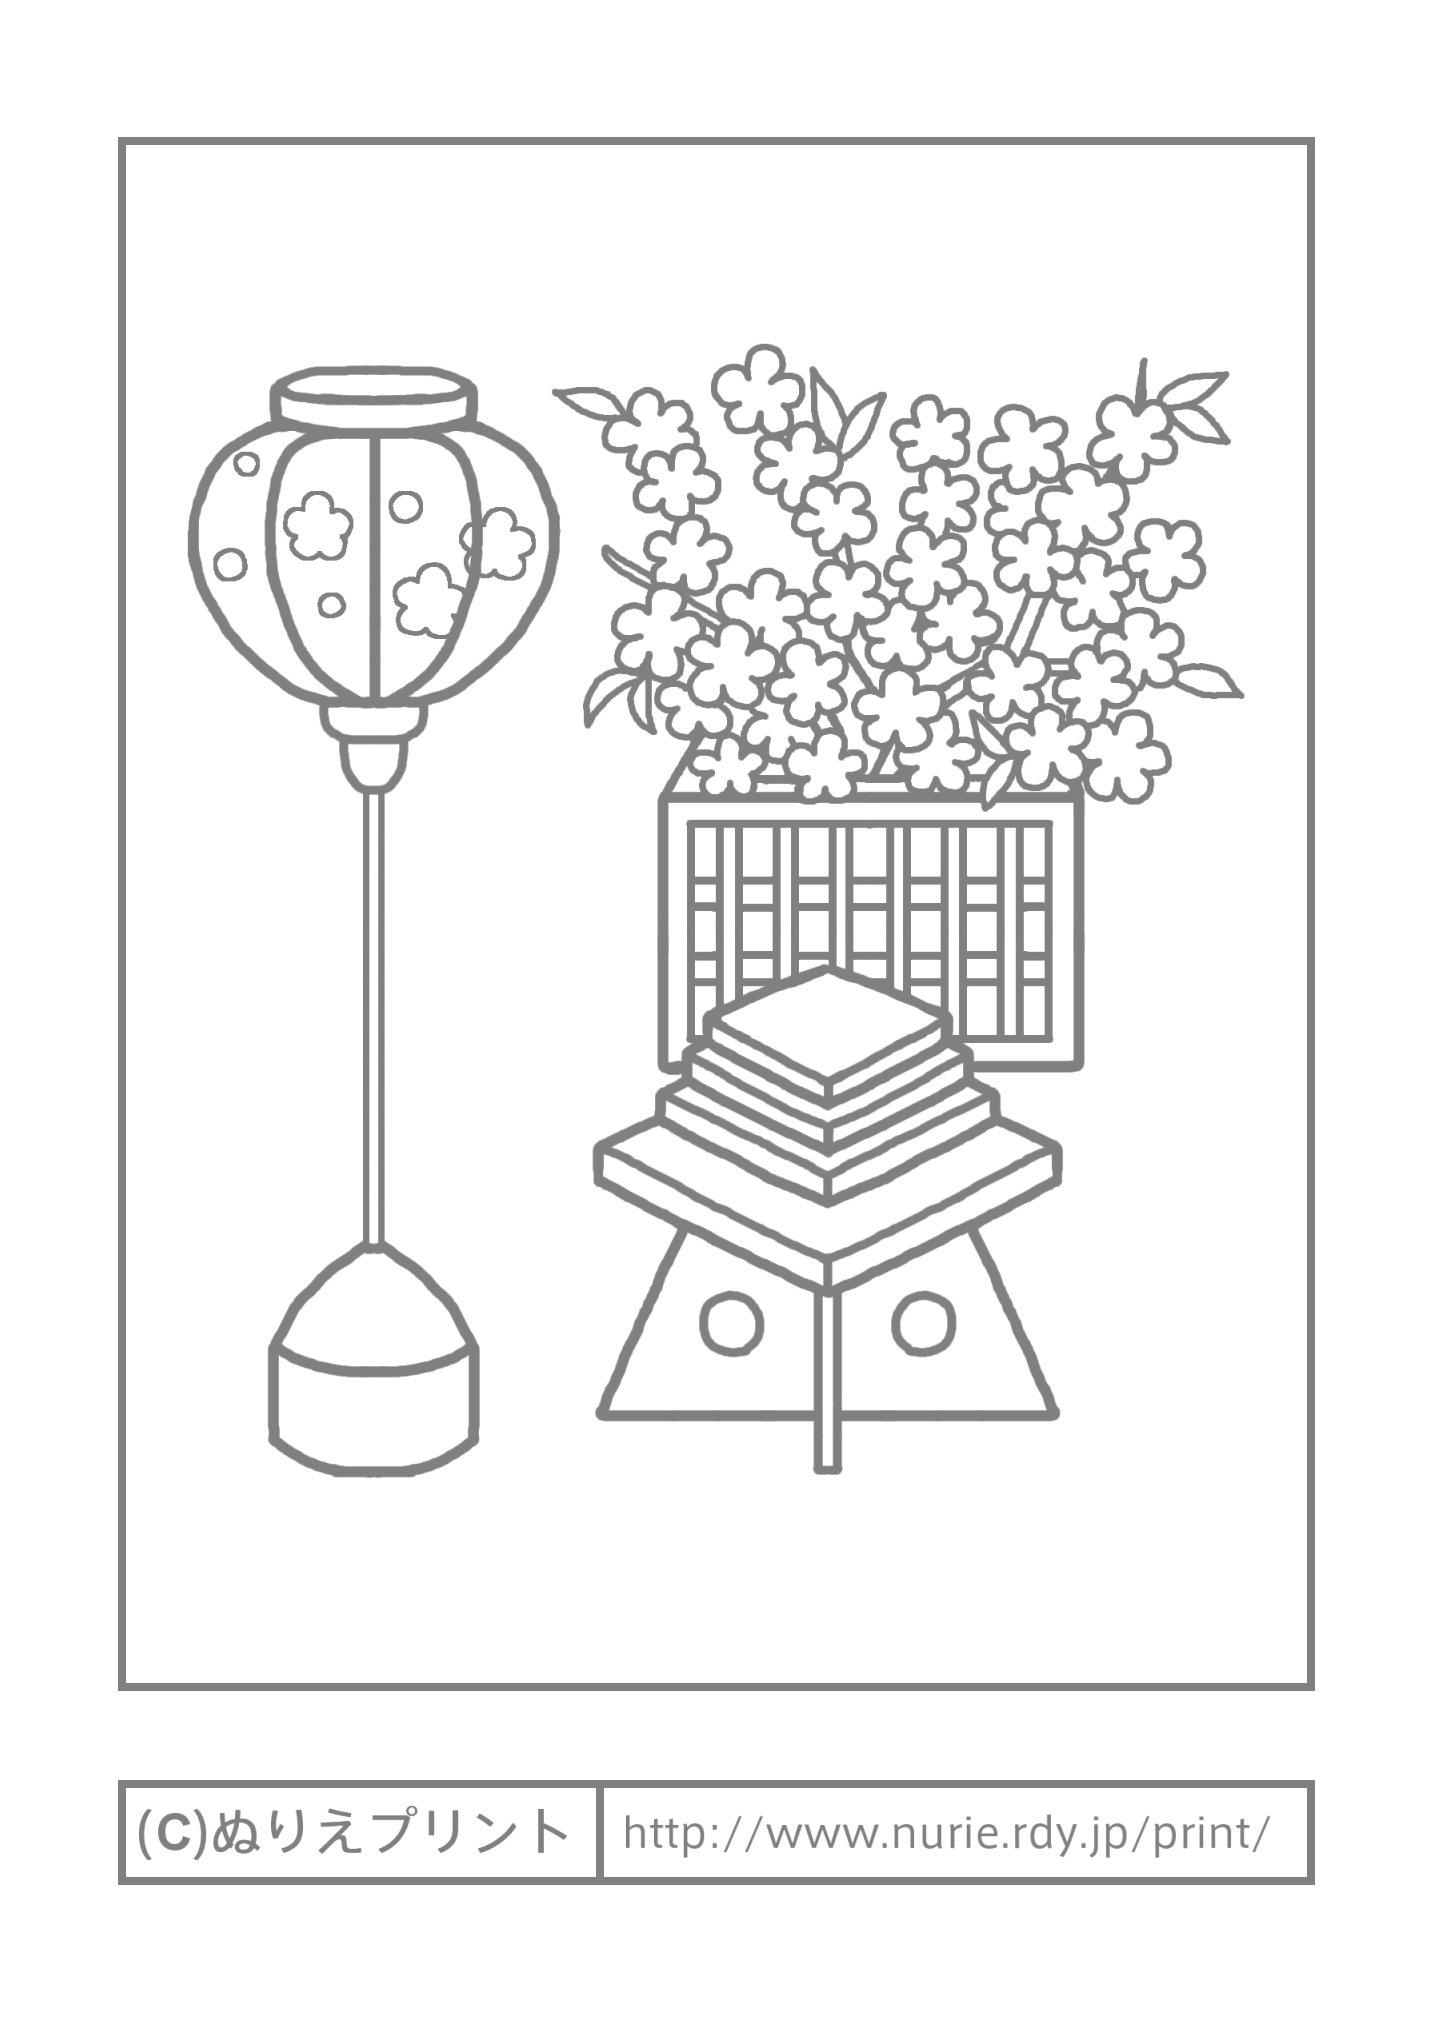 ... 春の季節・行事/大人の塗り絵